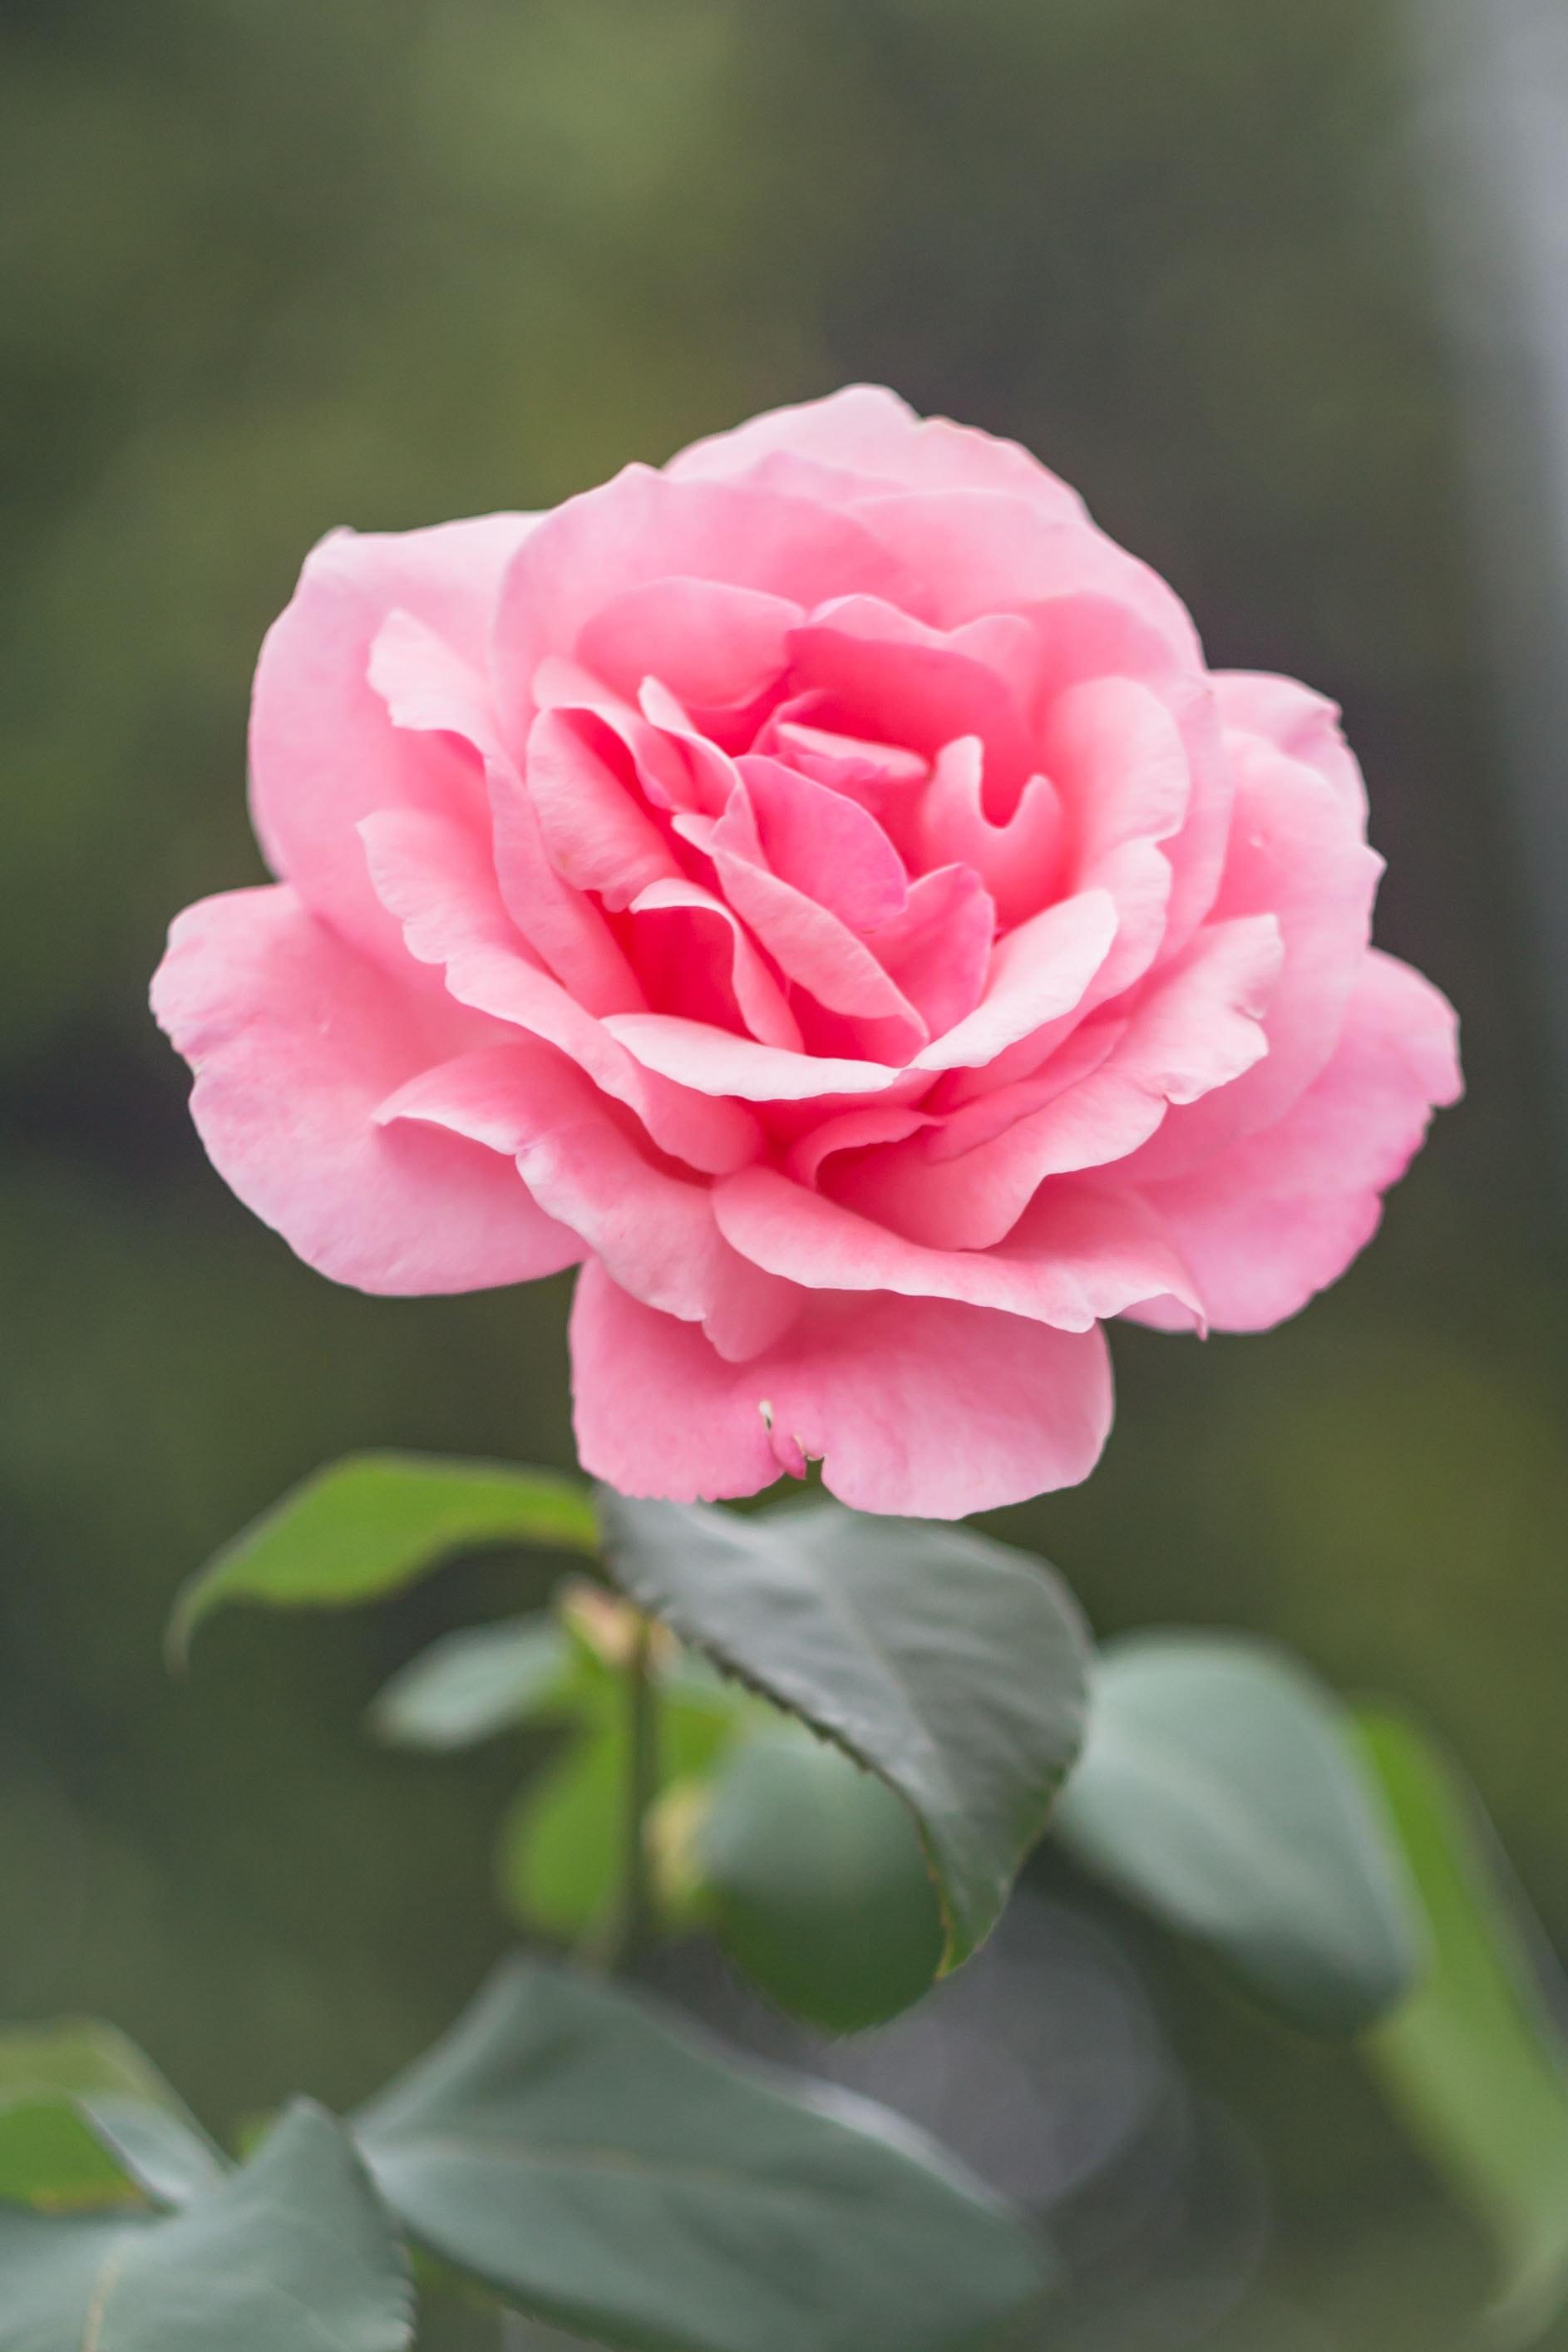 flor-flower-garden-736230.jpg